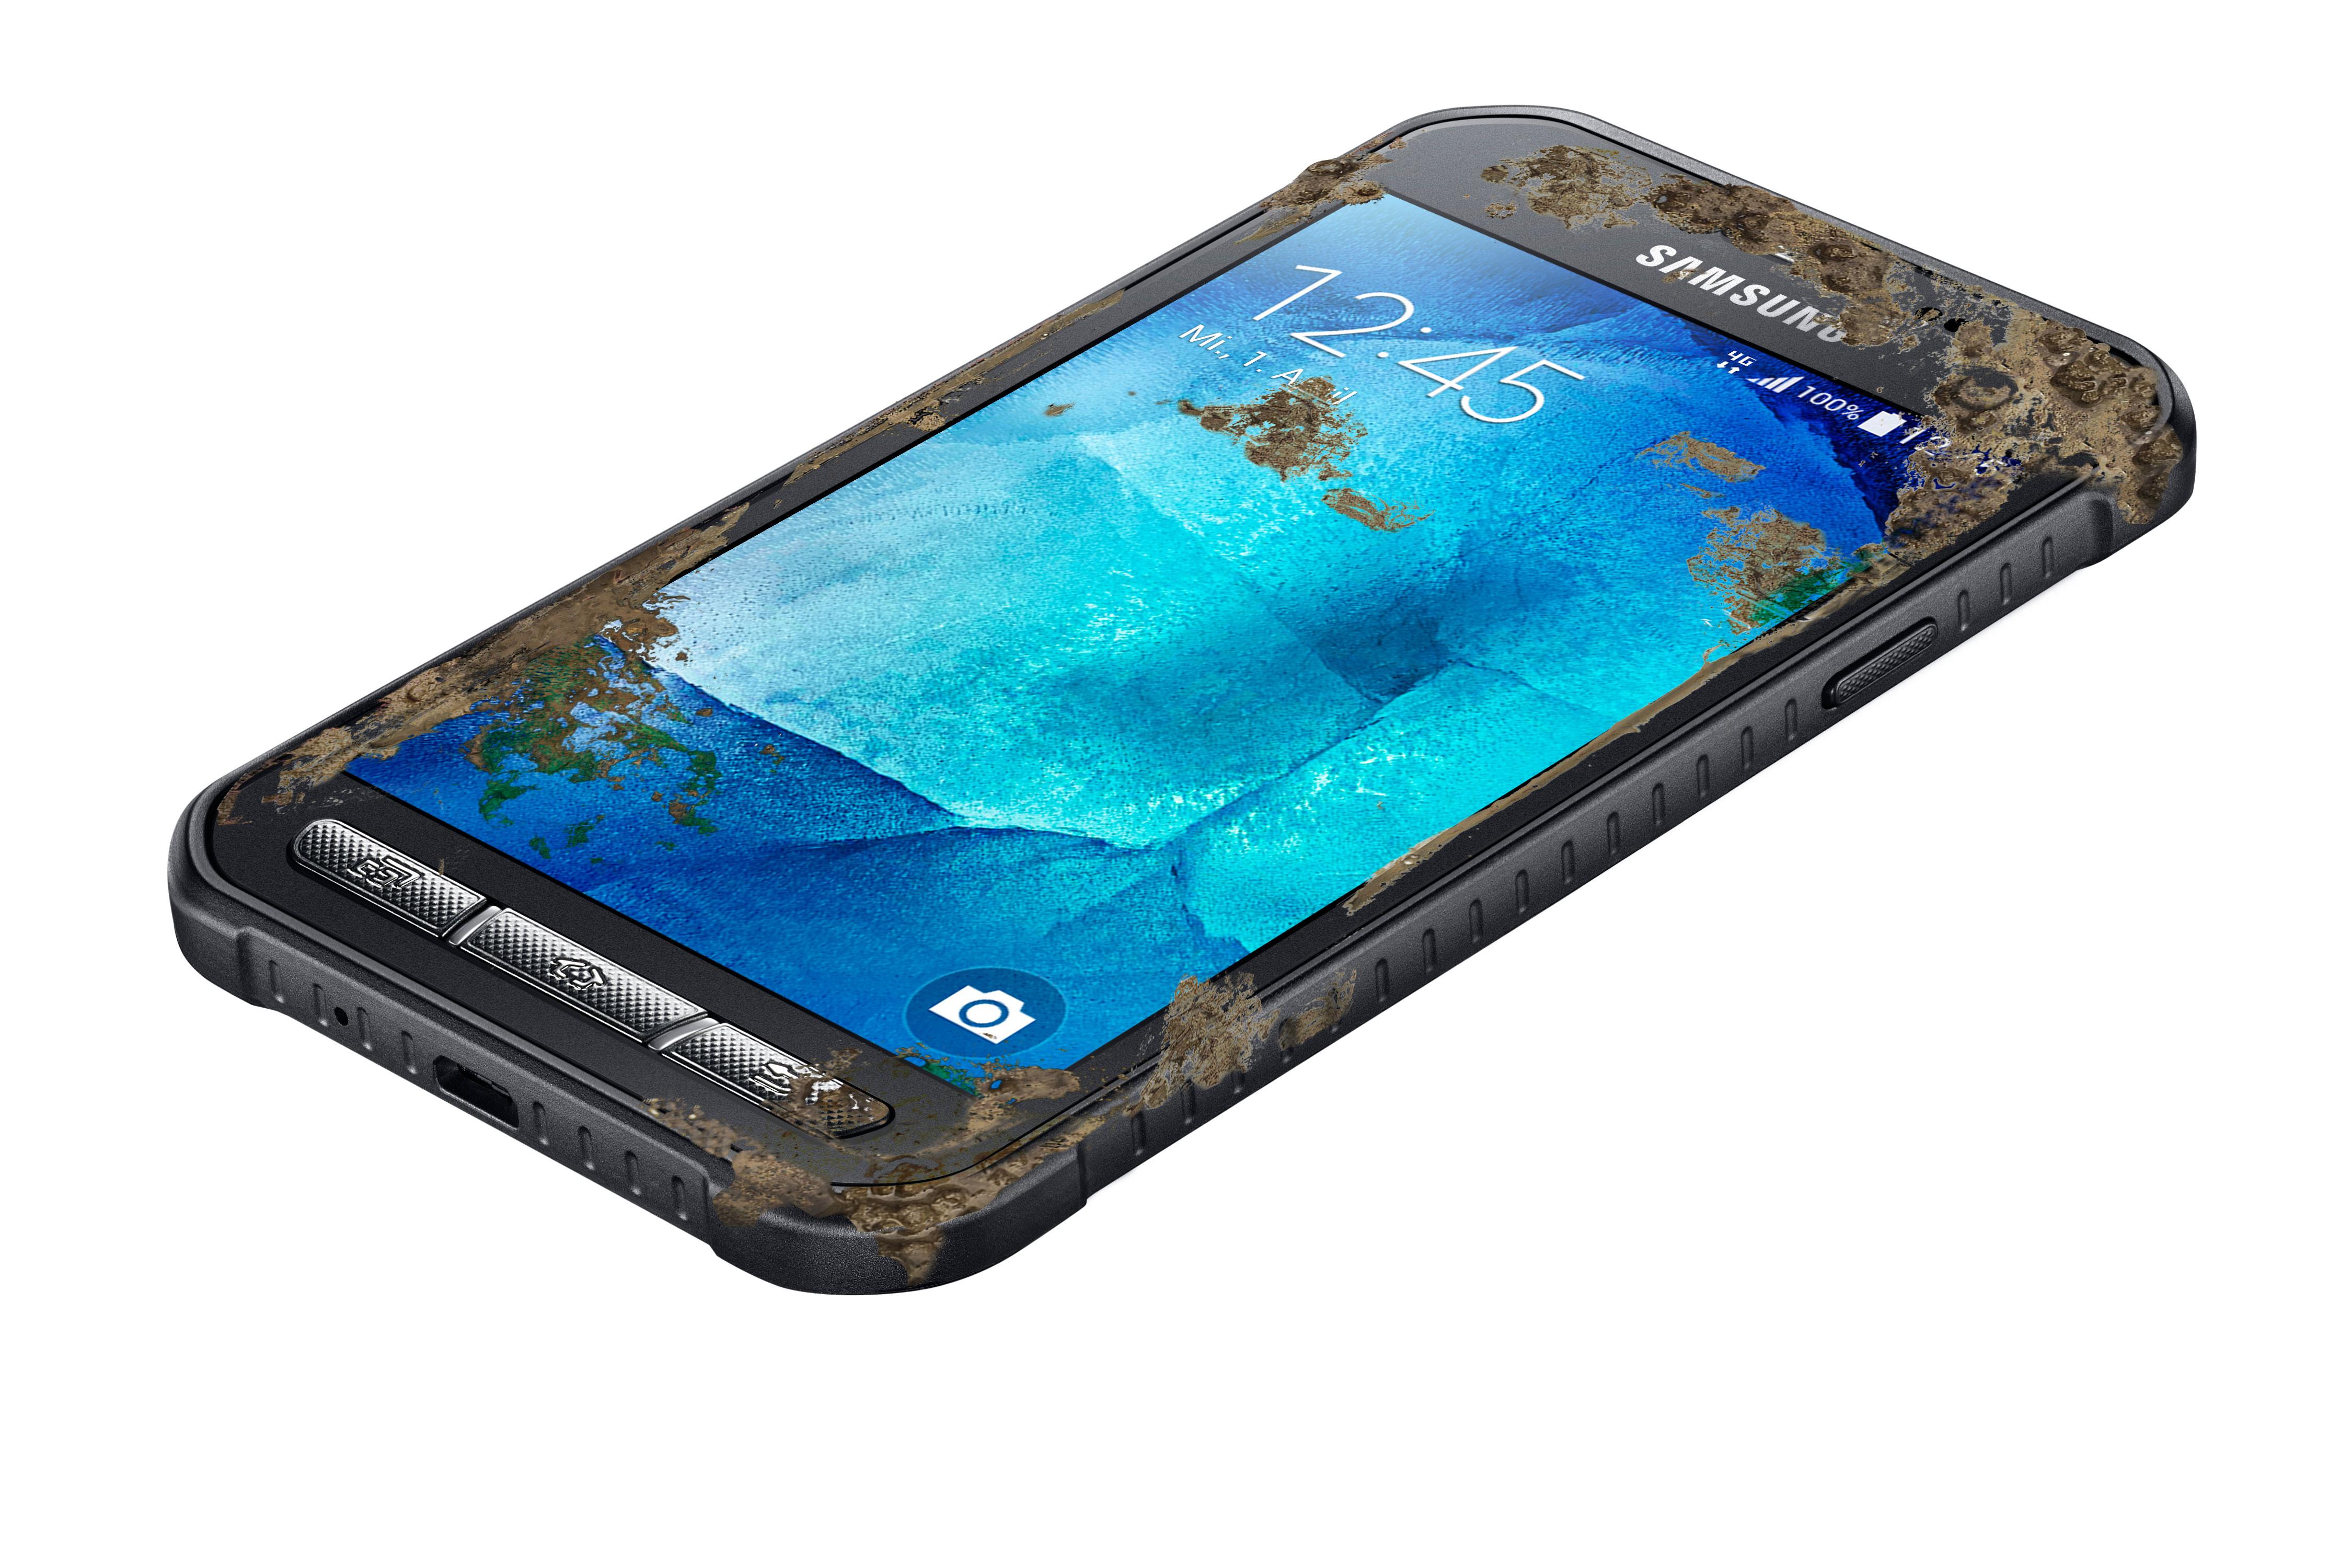 Análisis de los mejores teléfonos móviles todoterreno abril 2018, resistentes a caídas, golpes y agua